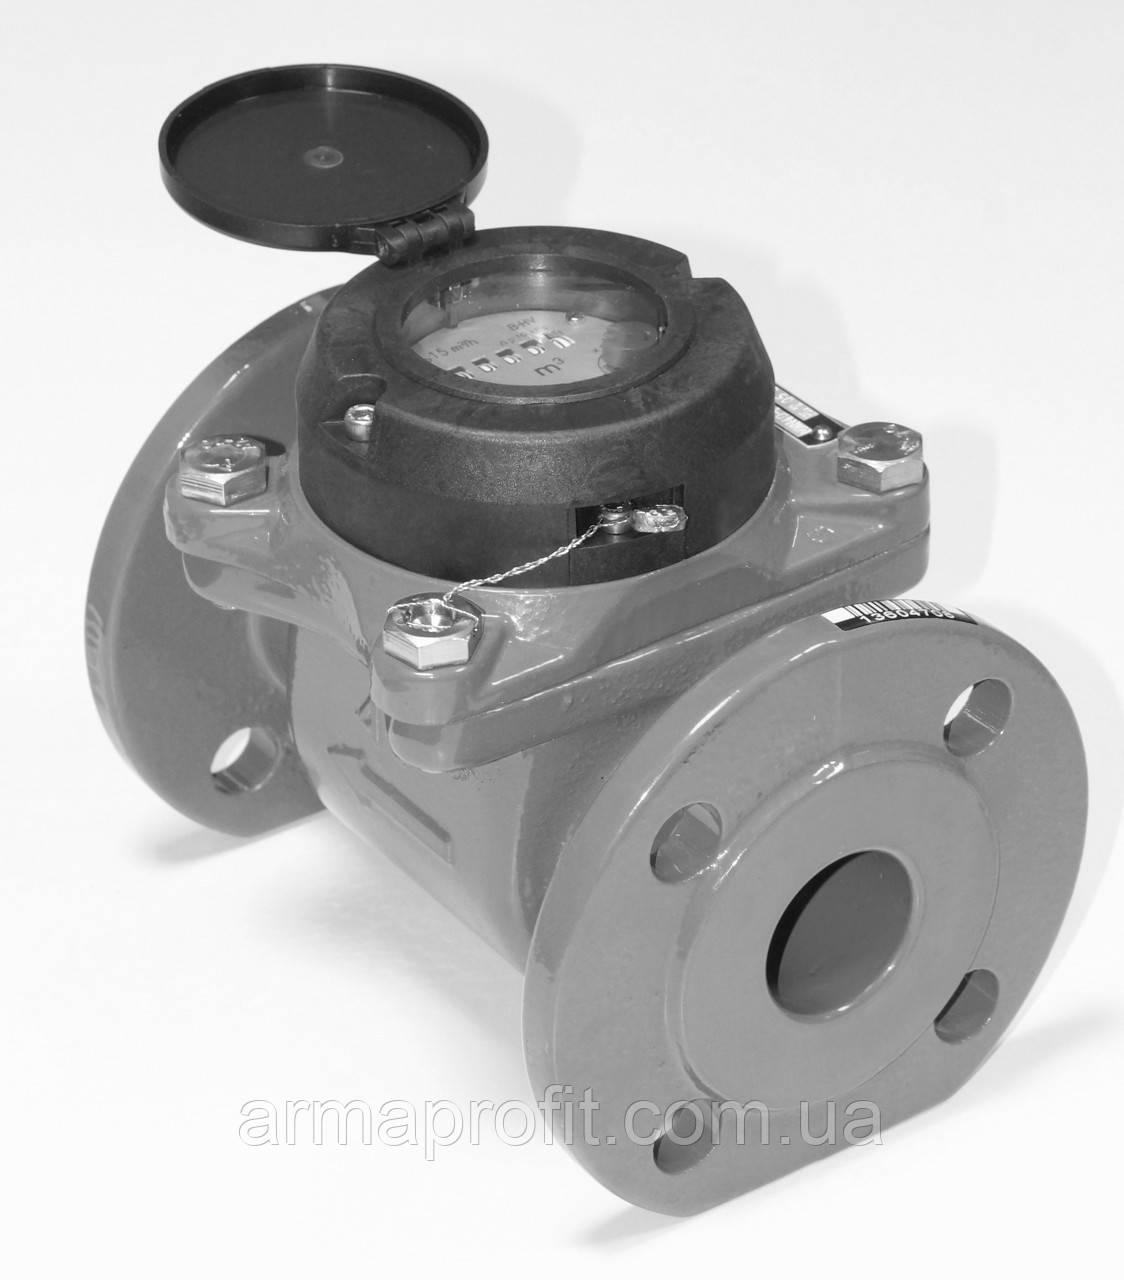 Счетчик горячей воды турбинный фланцевый Ду300 Powogaz MWN-130-300